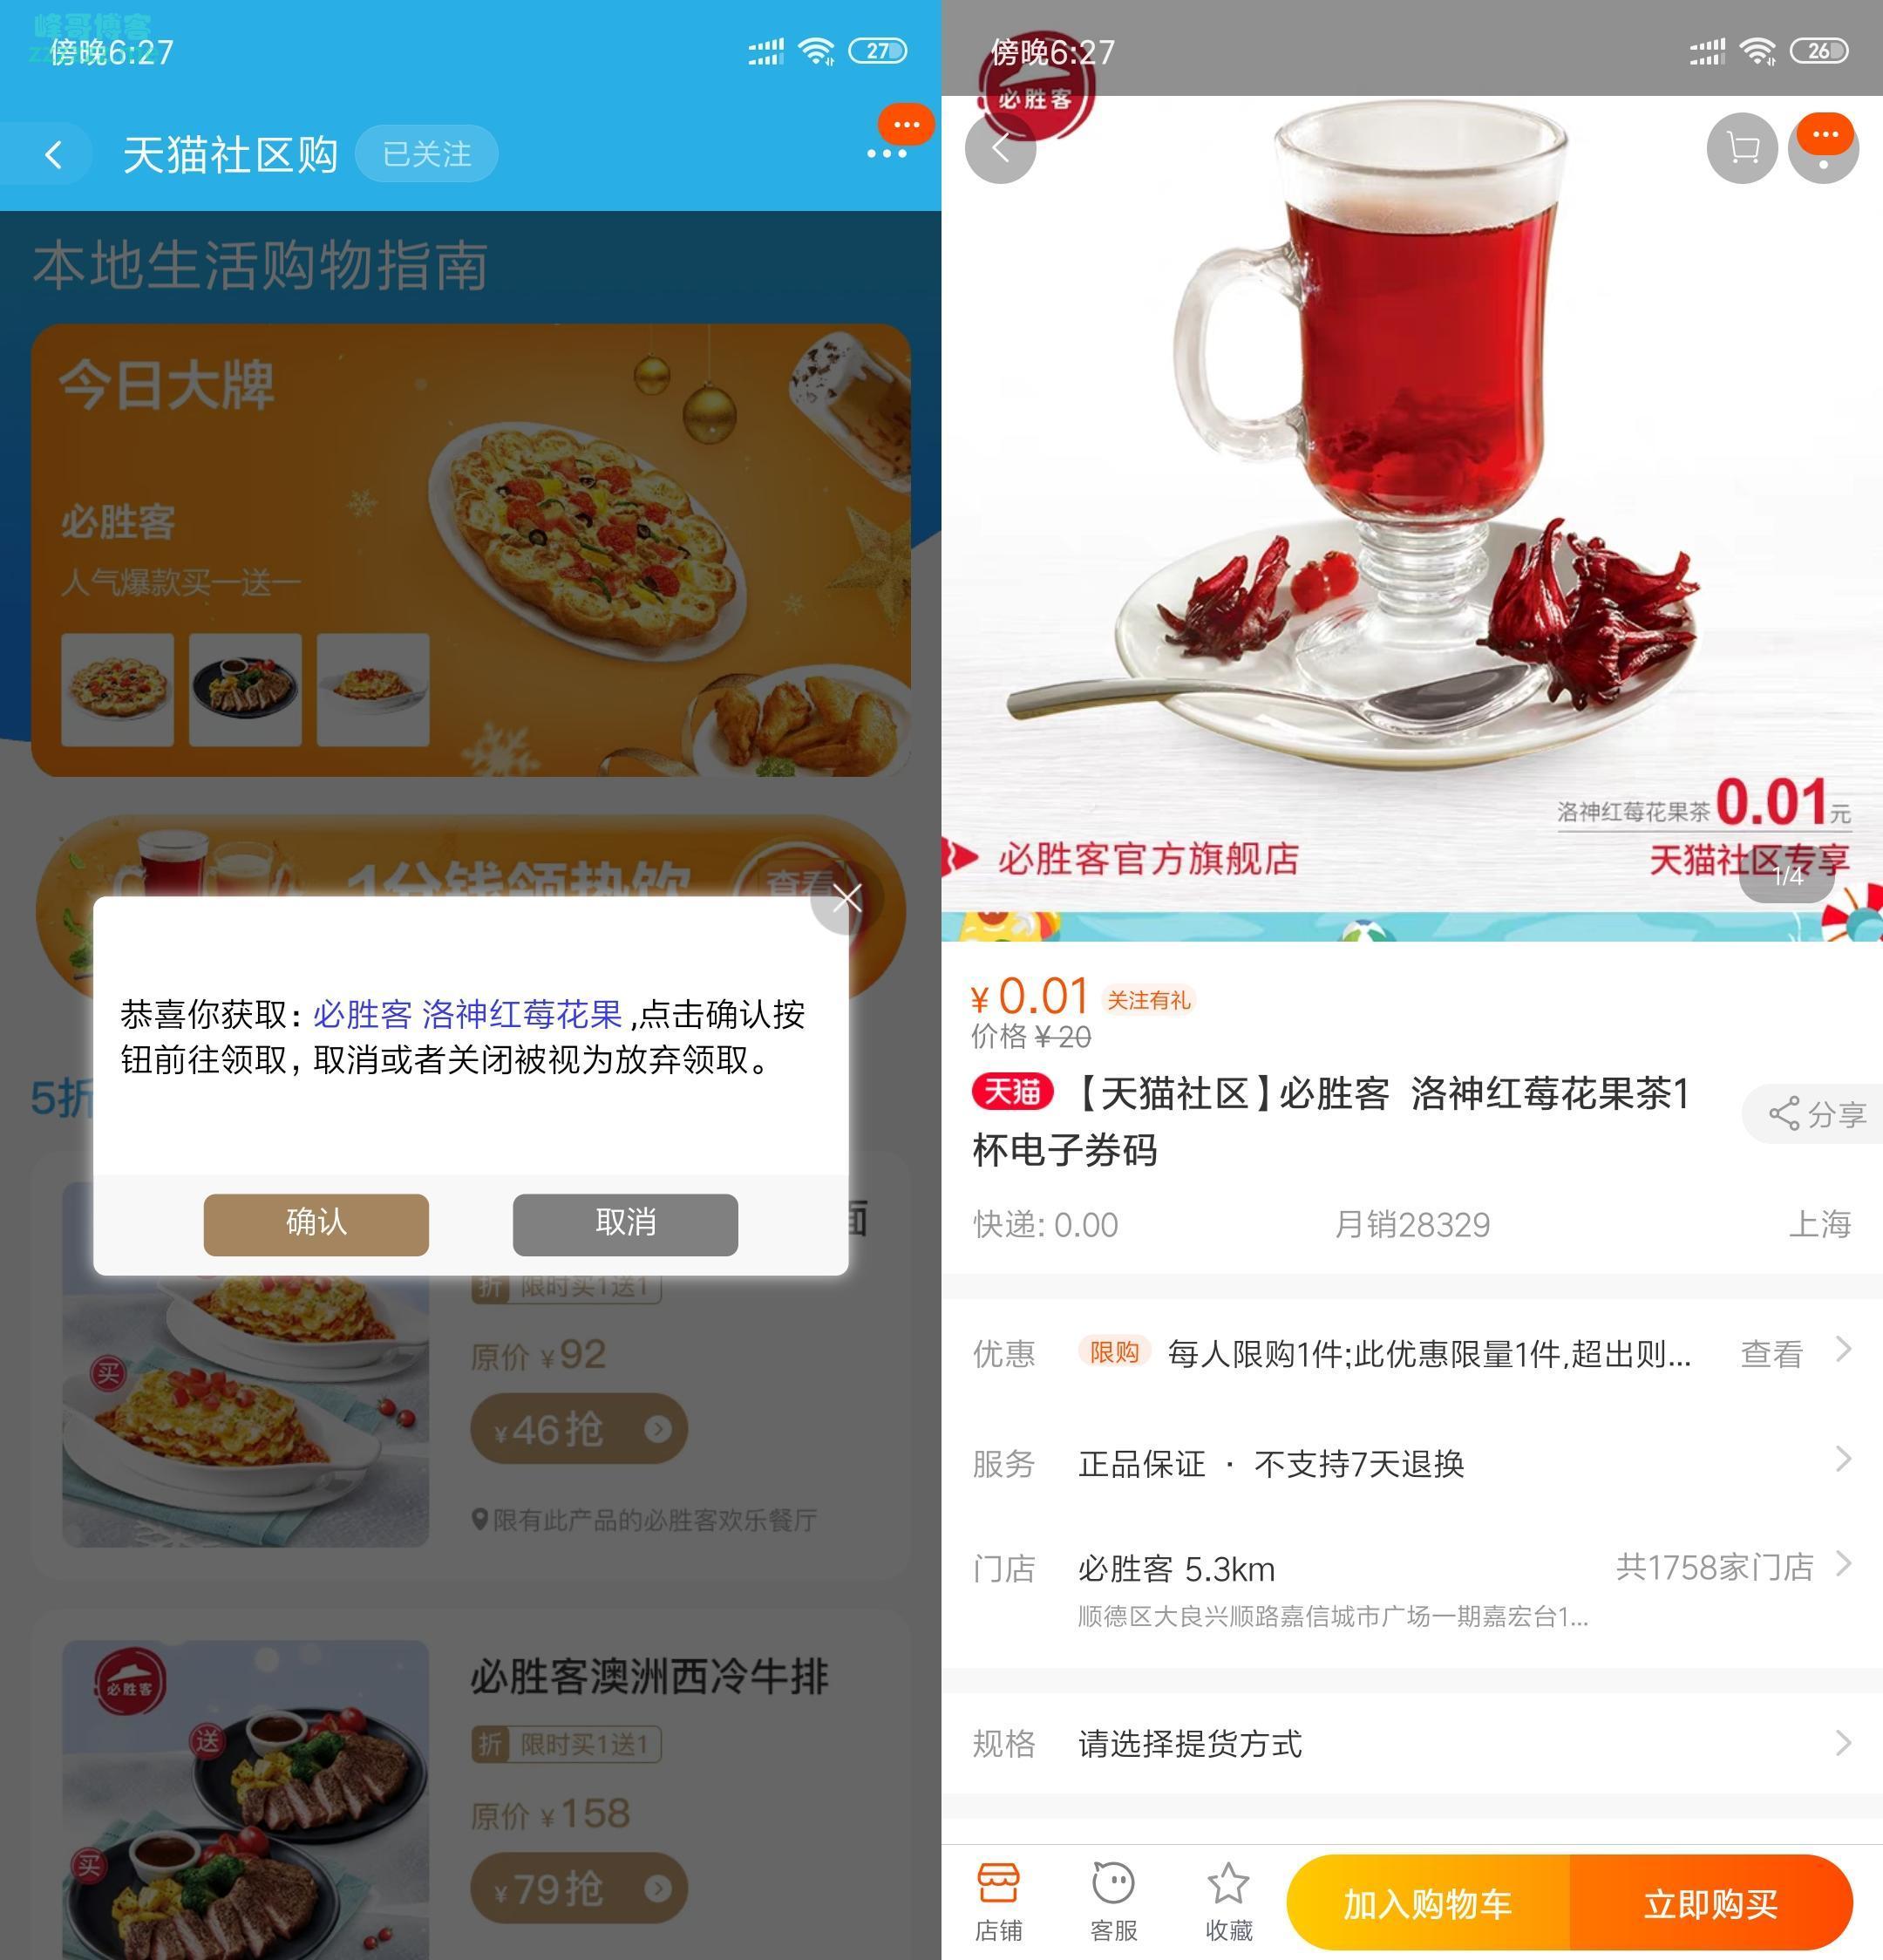 手机淘宝天猫社区频道活动免费领取必胜客洛神红莓花果茶1杯电子券码